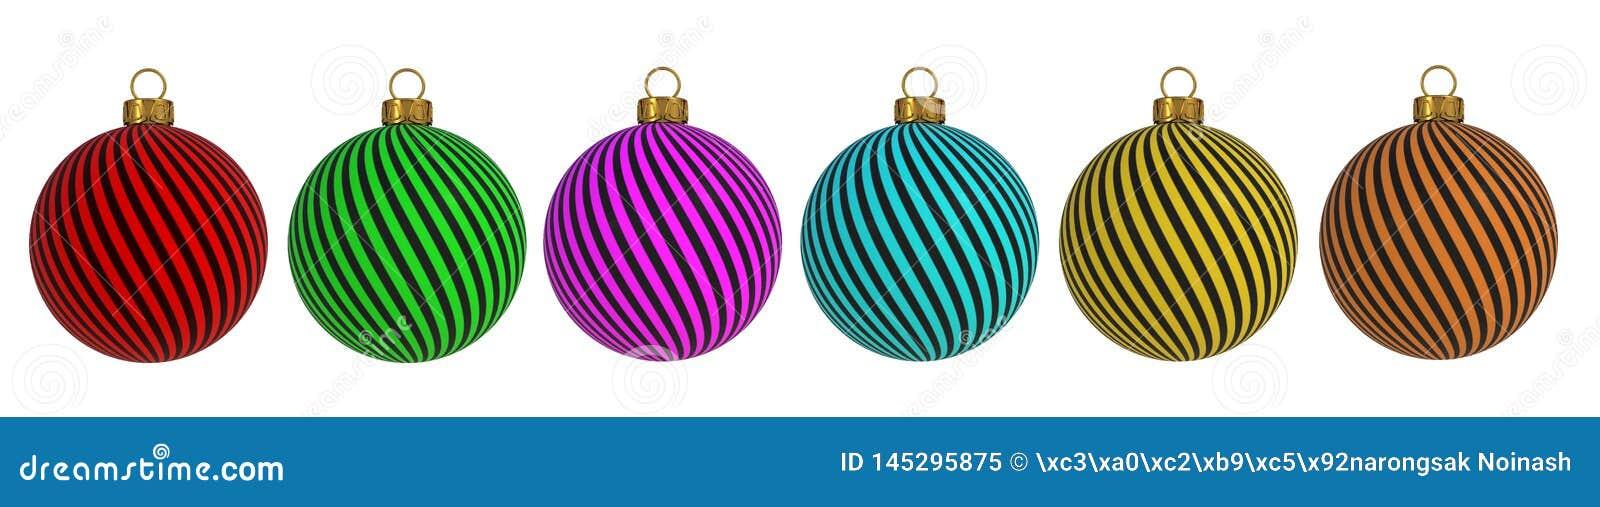 圣诞节球除夕装饰卷积线中看不中用的物品冬天垂悬的装饰物纪念品